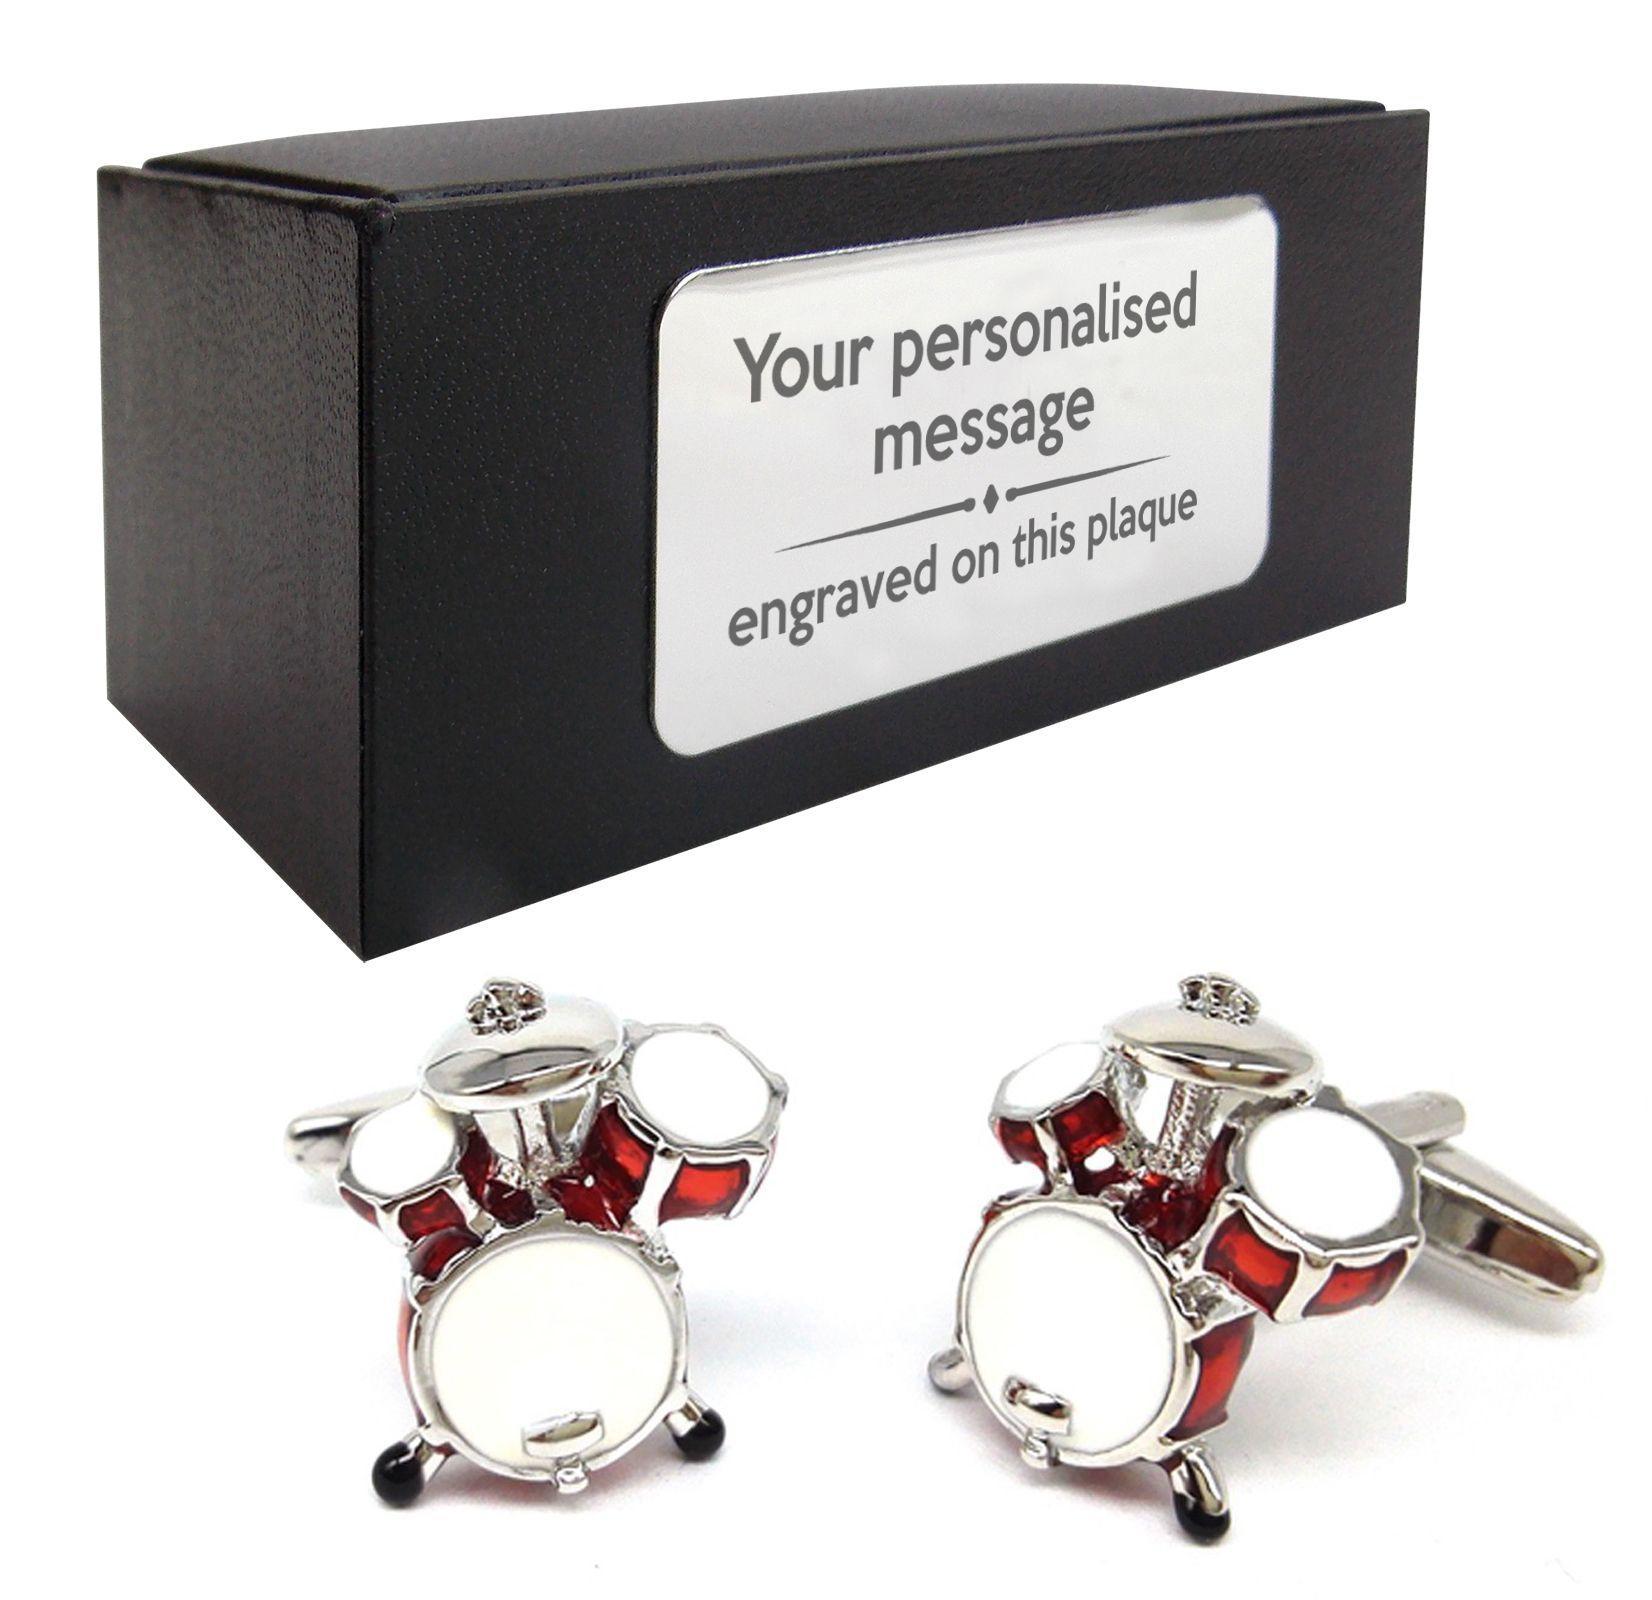 Drum music drum kit novelty cufflinks